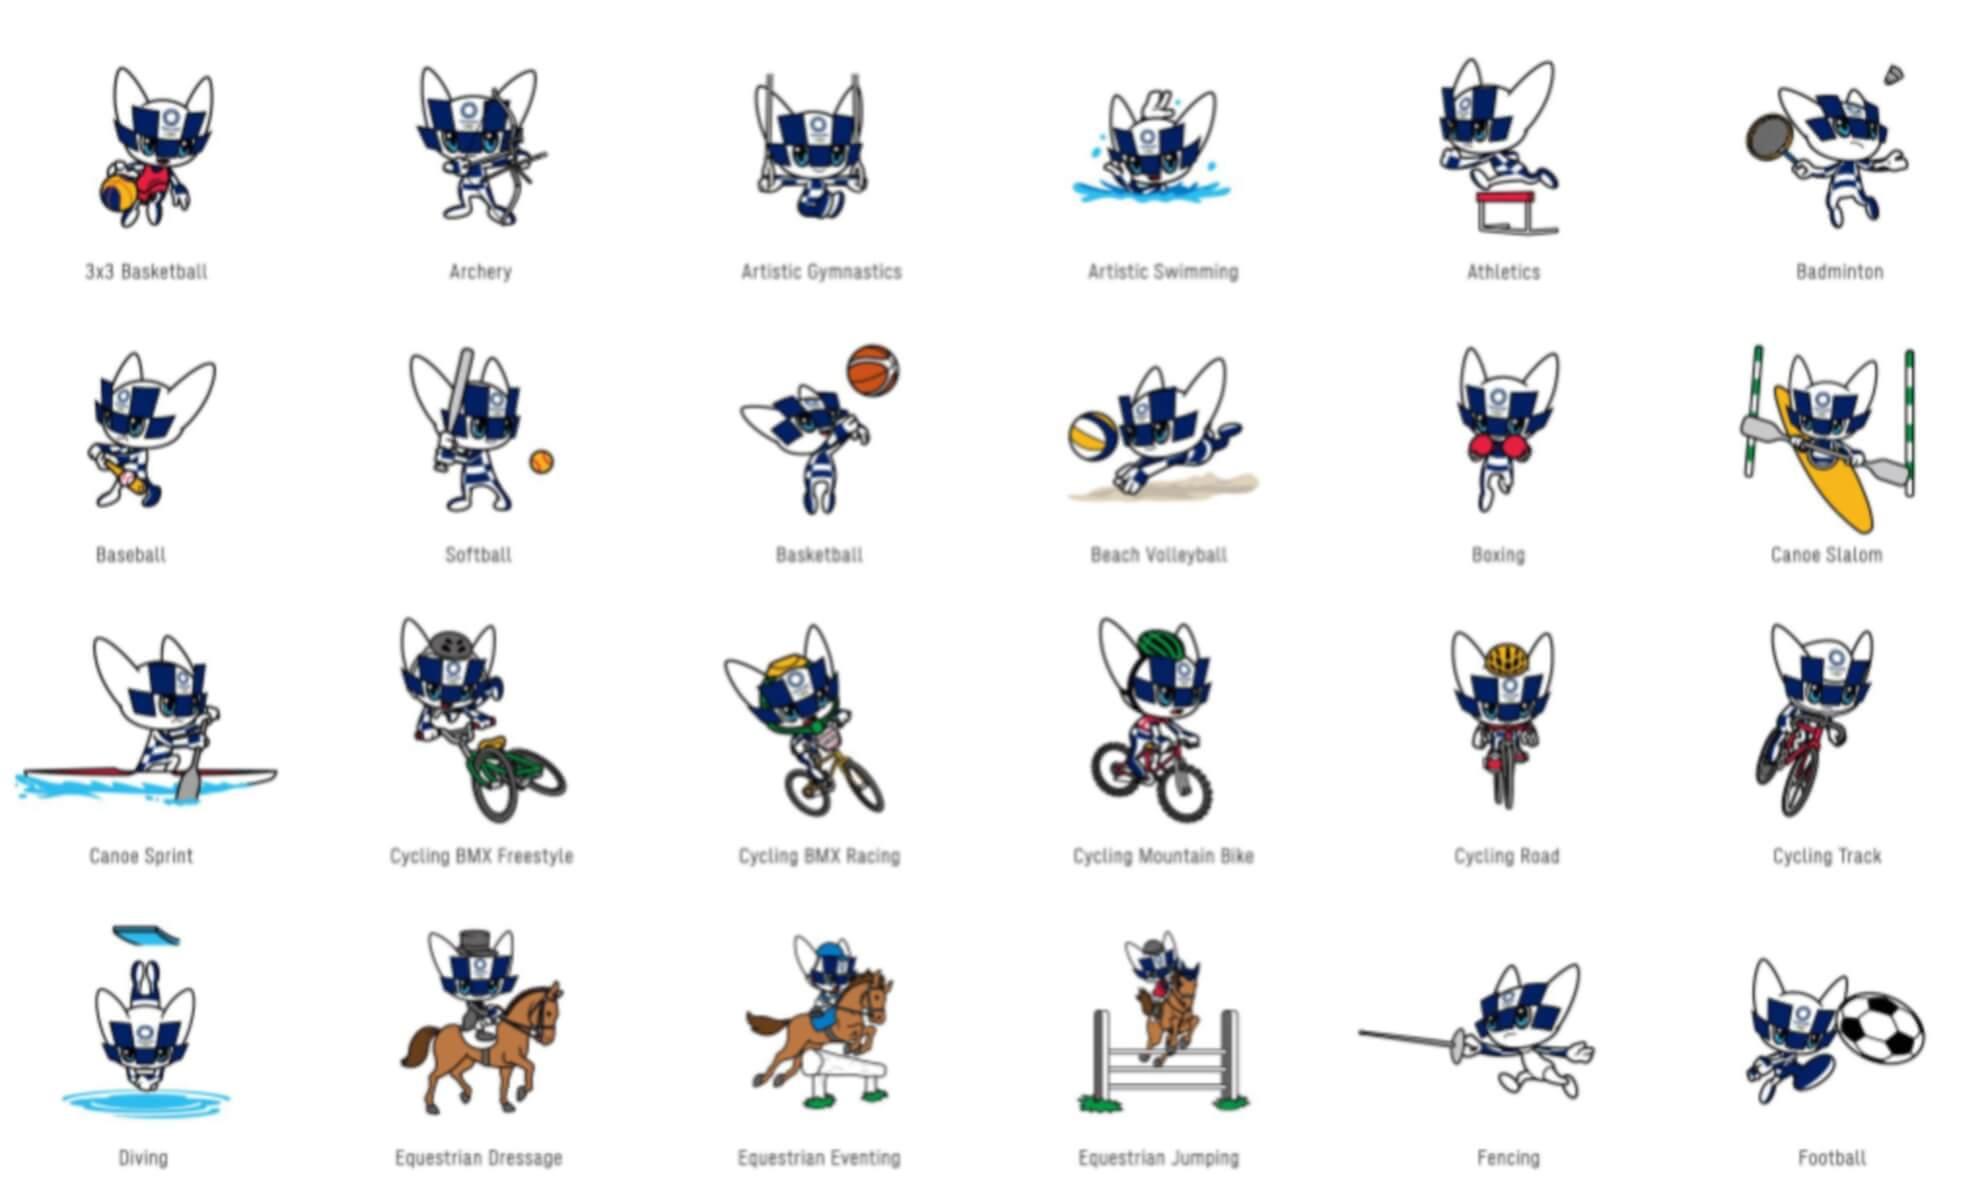 Ολυμπιακοί Αγώνες Τόκιο 2020: Ανακοινώθηκε το αναλυτικό τους πρόγραμμα